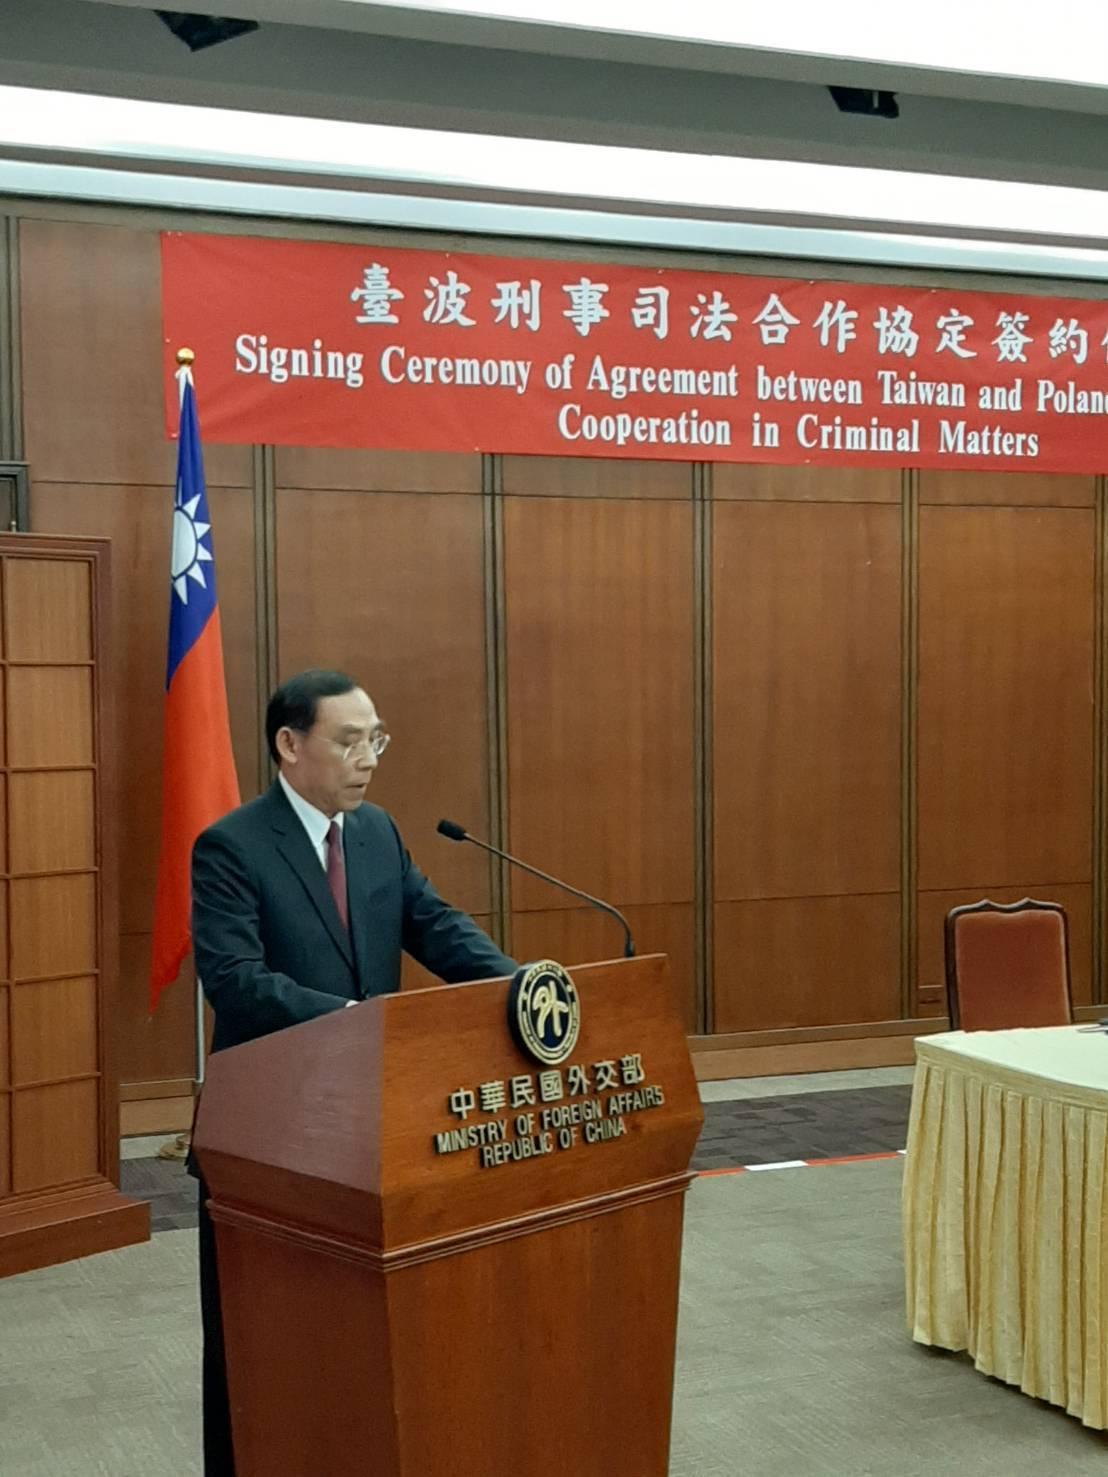 法務部長蔡清祥出席刑事司法合作協定簽署。圖/法務部提供